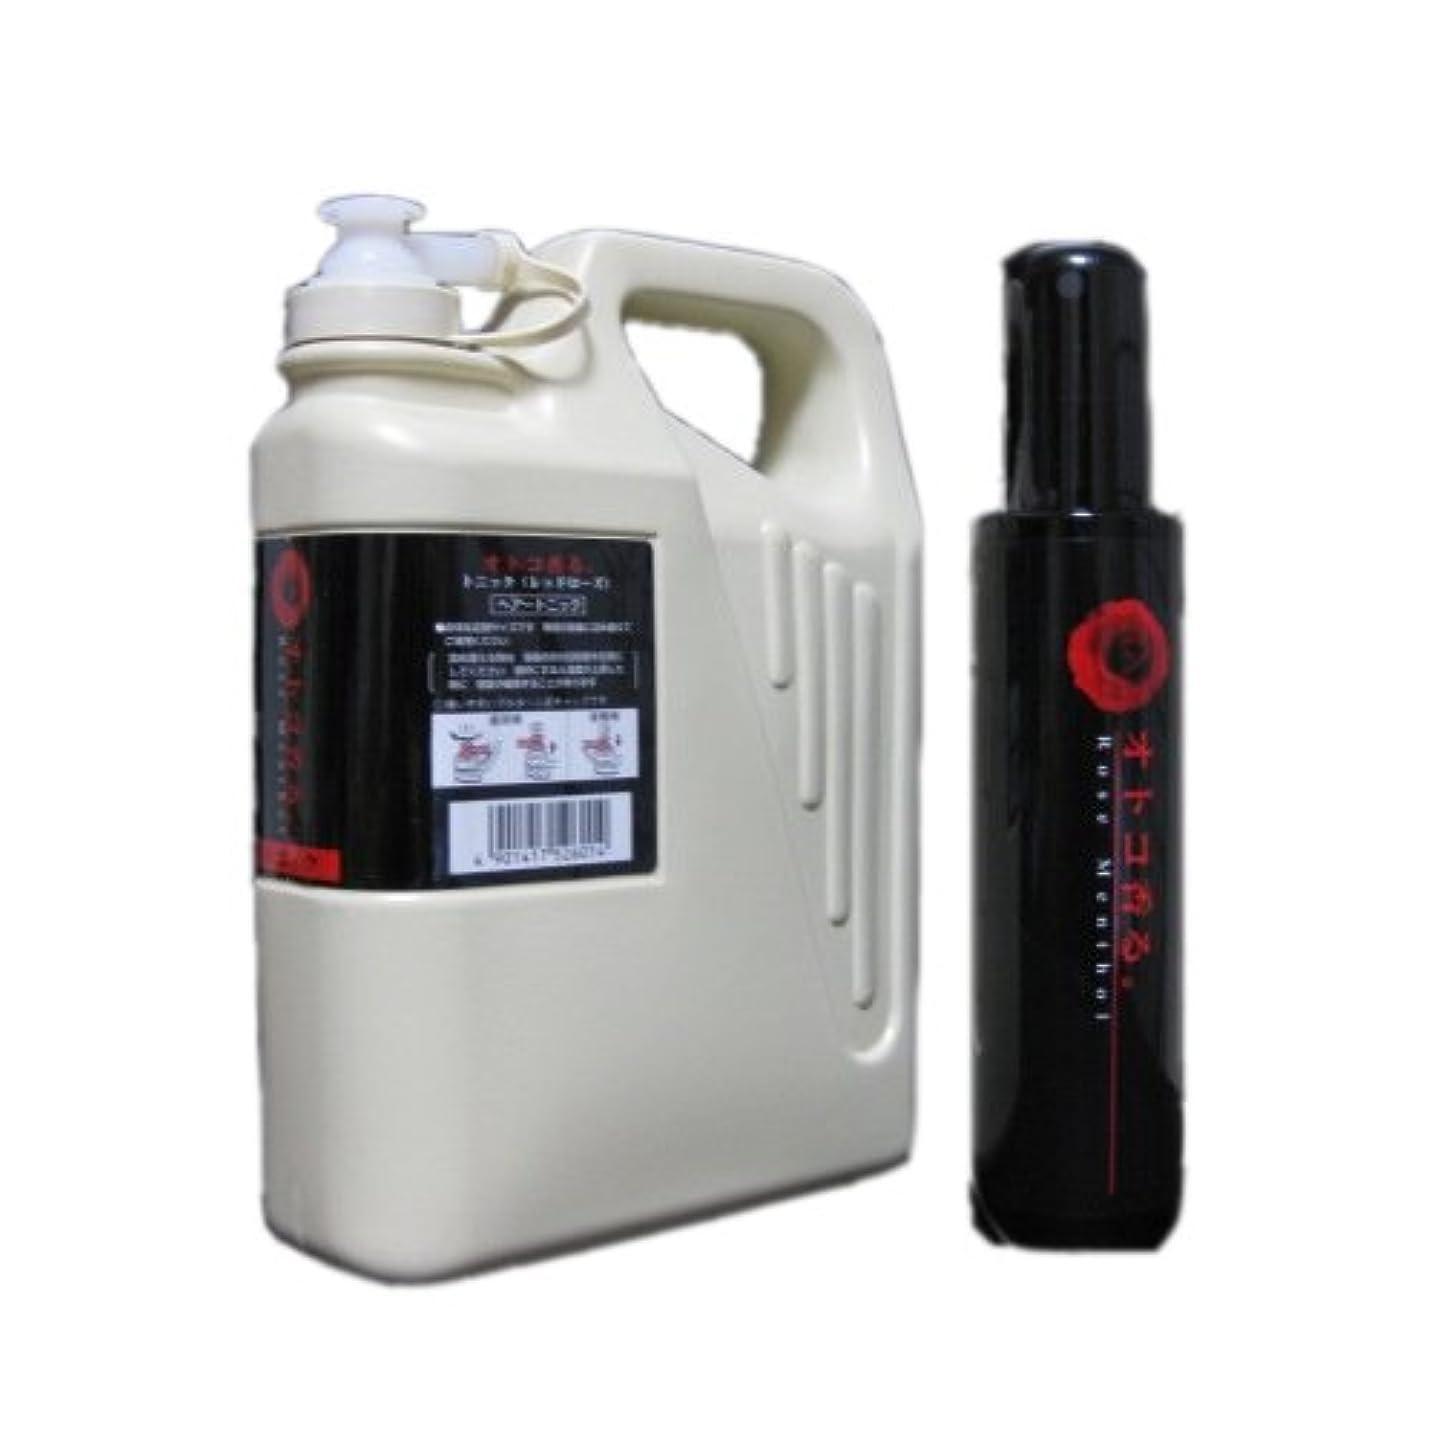 収縮ラフ睡眠実質的にクラシエ オトコ香る。フレグランストニック レッドローズ150ml+1050ml Lサイズ(業務?詰替用)セット